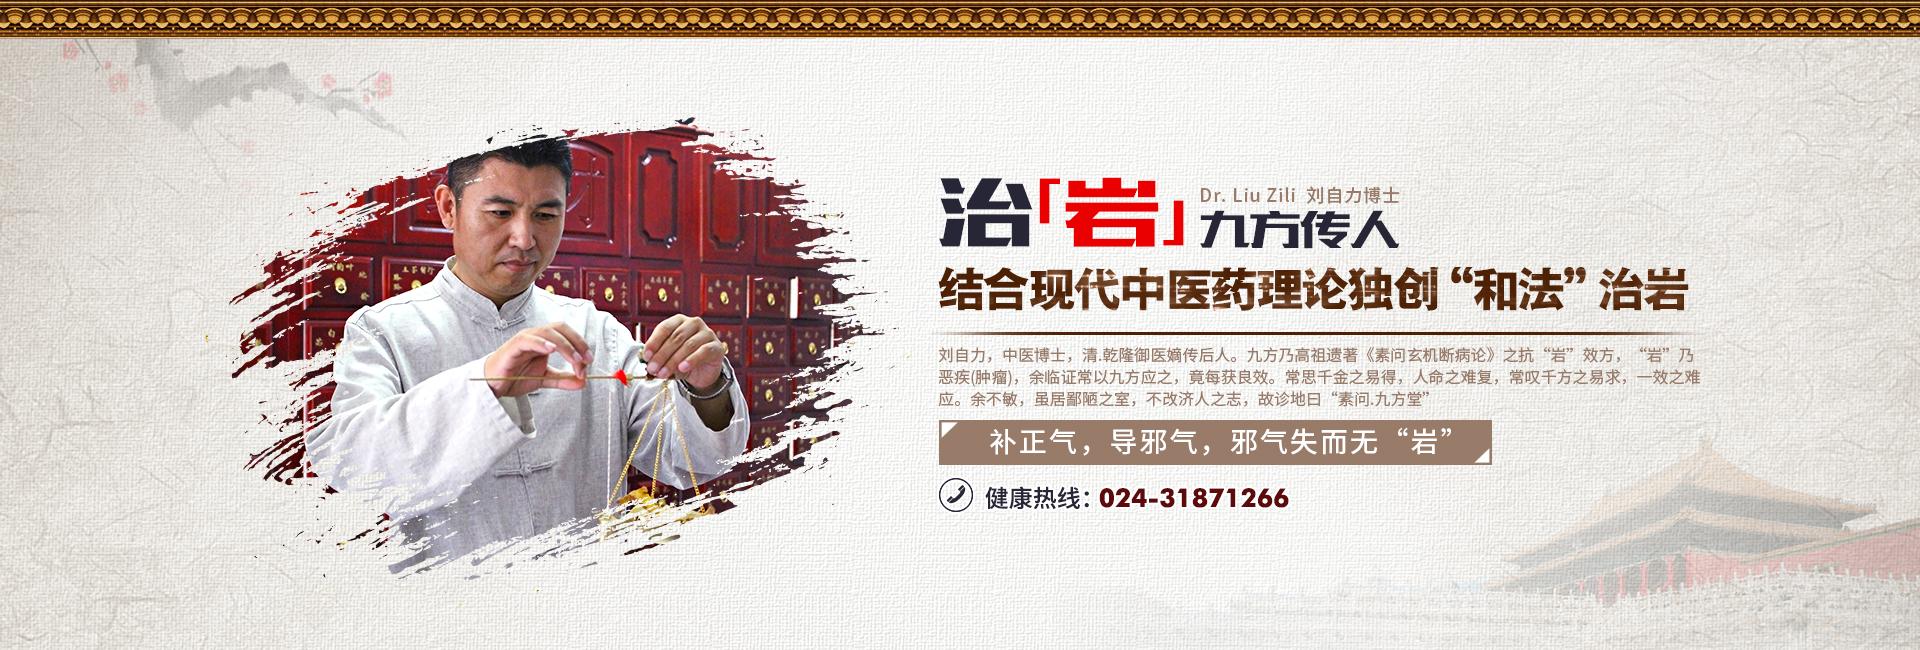 刘自力博士中医馆